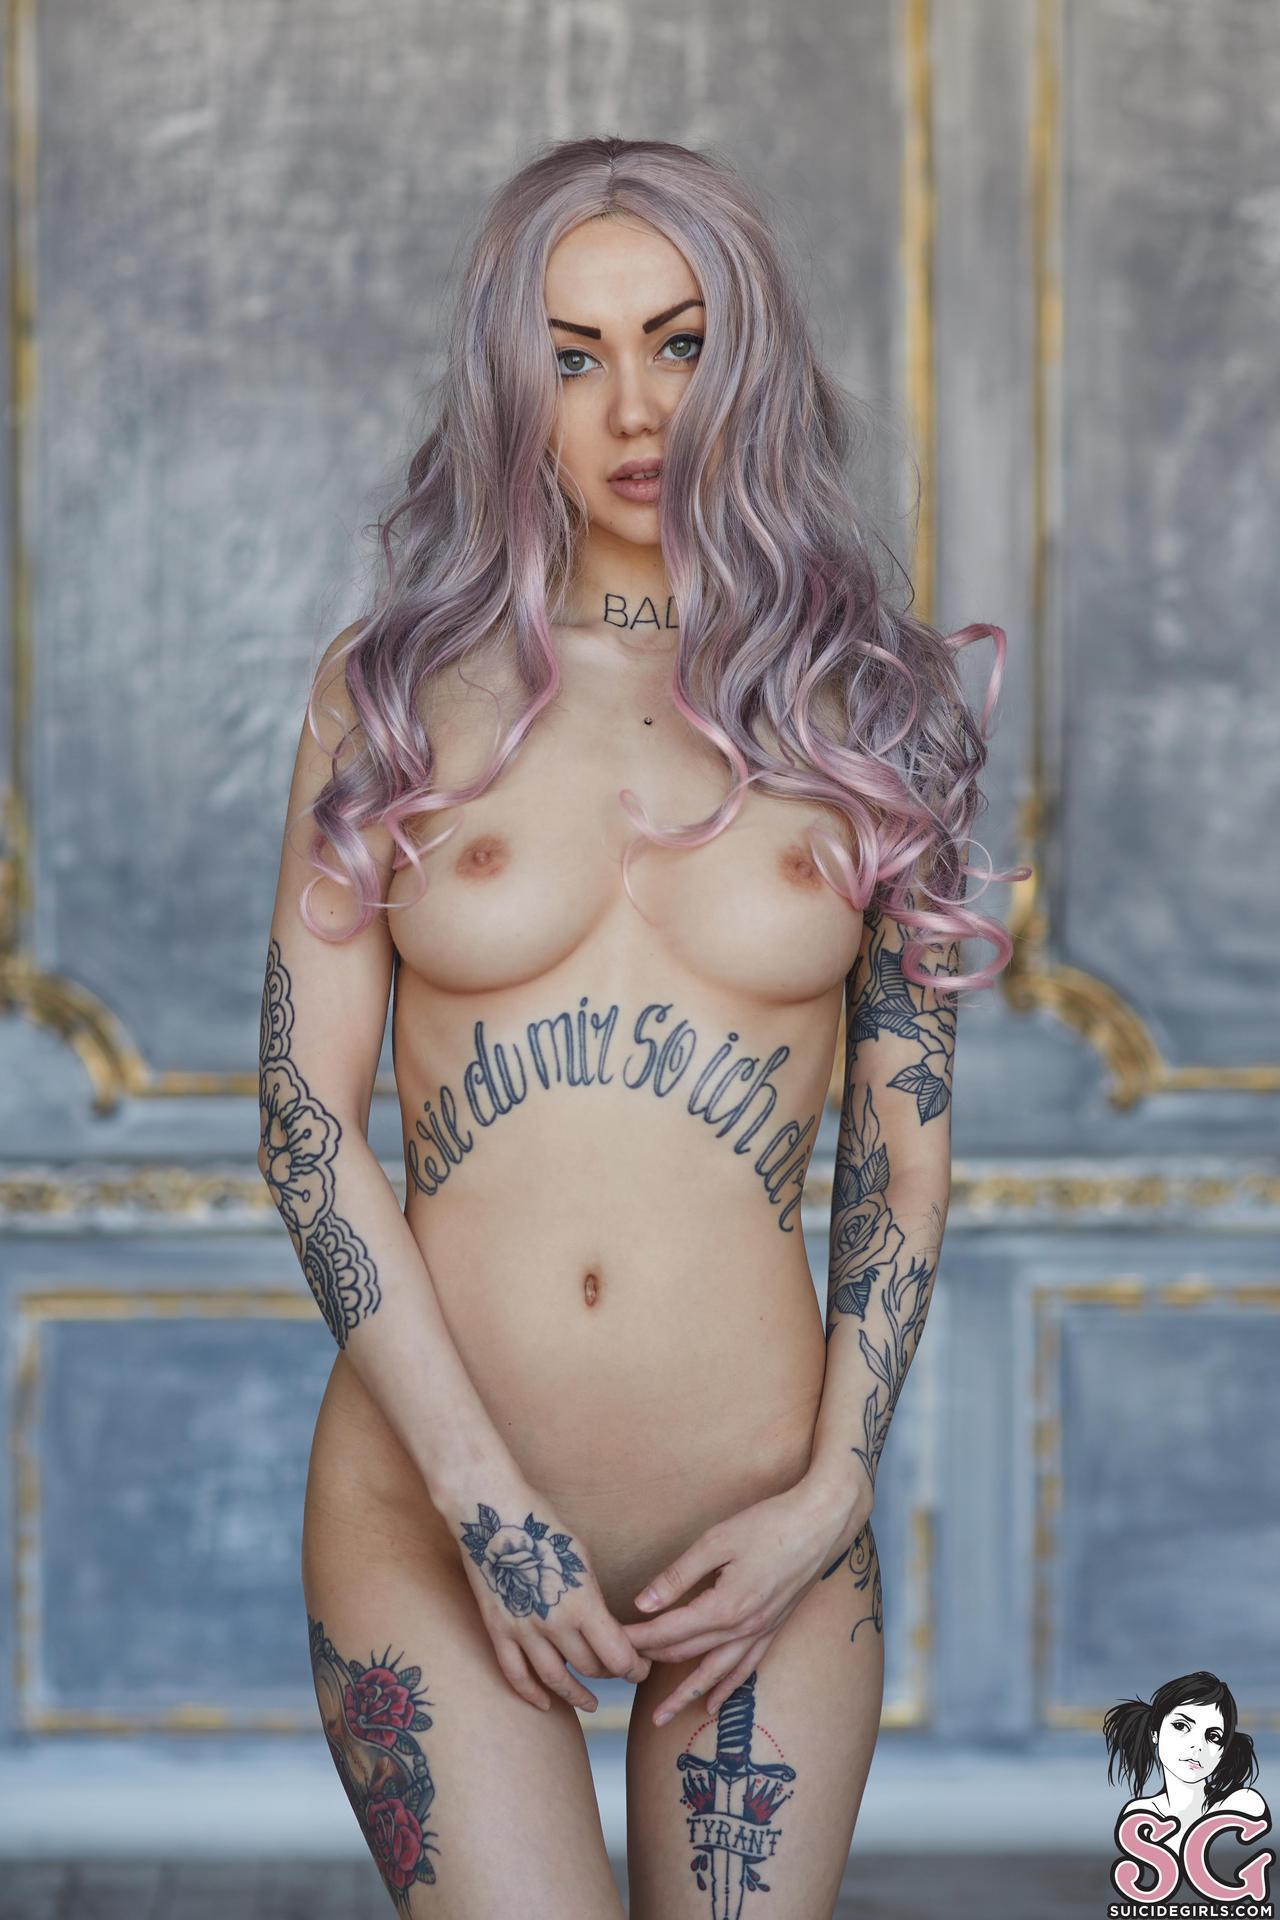 Suicidegirls Porn